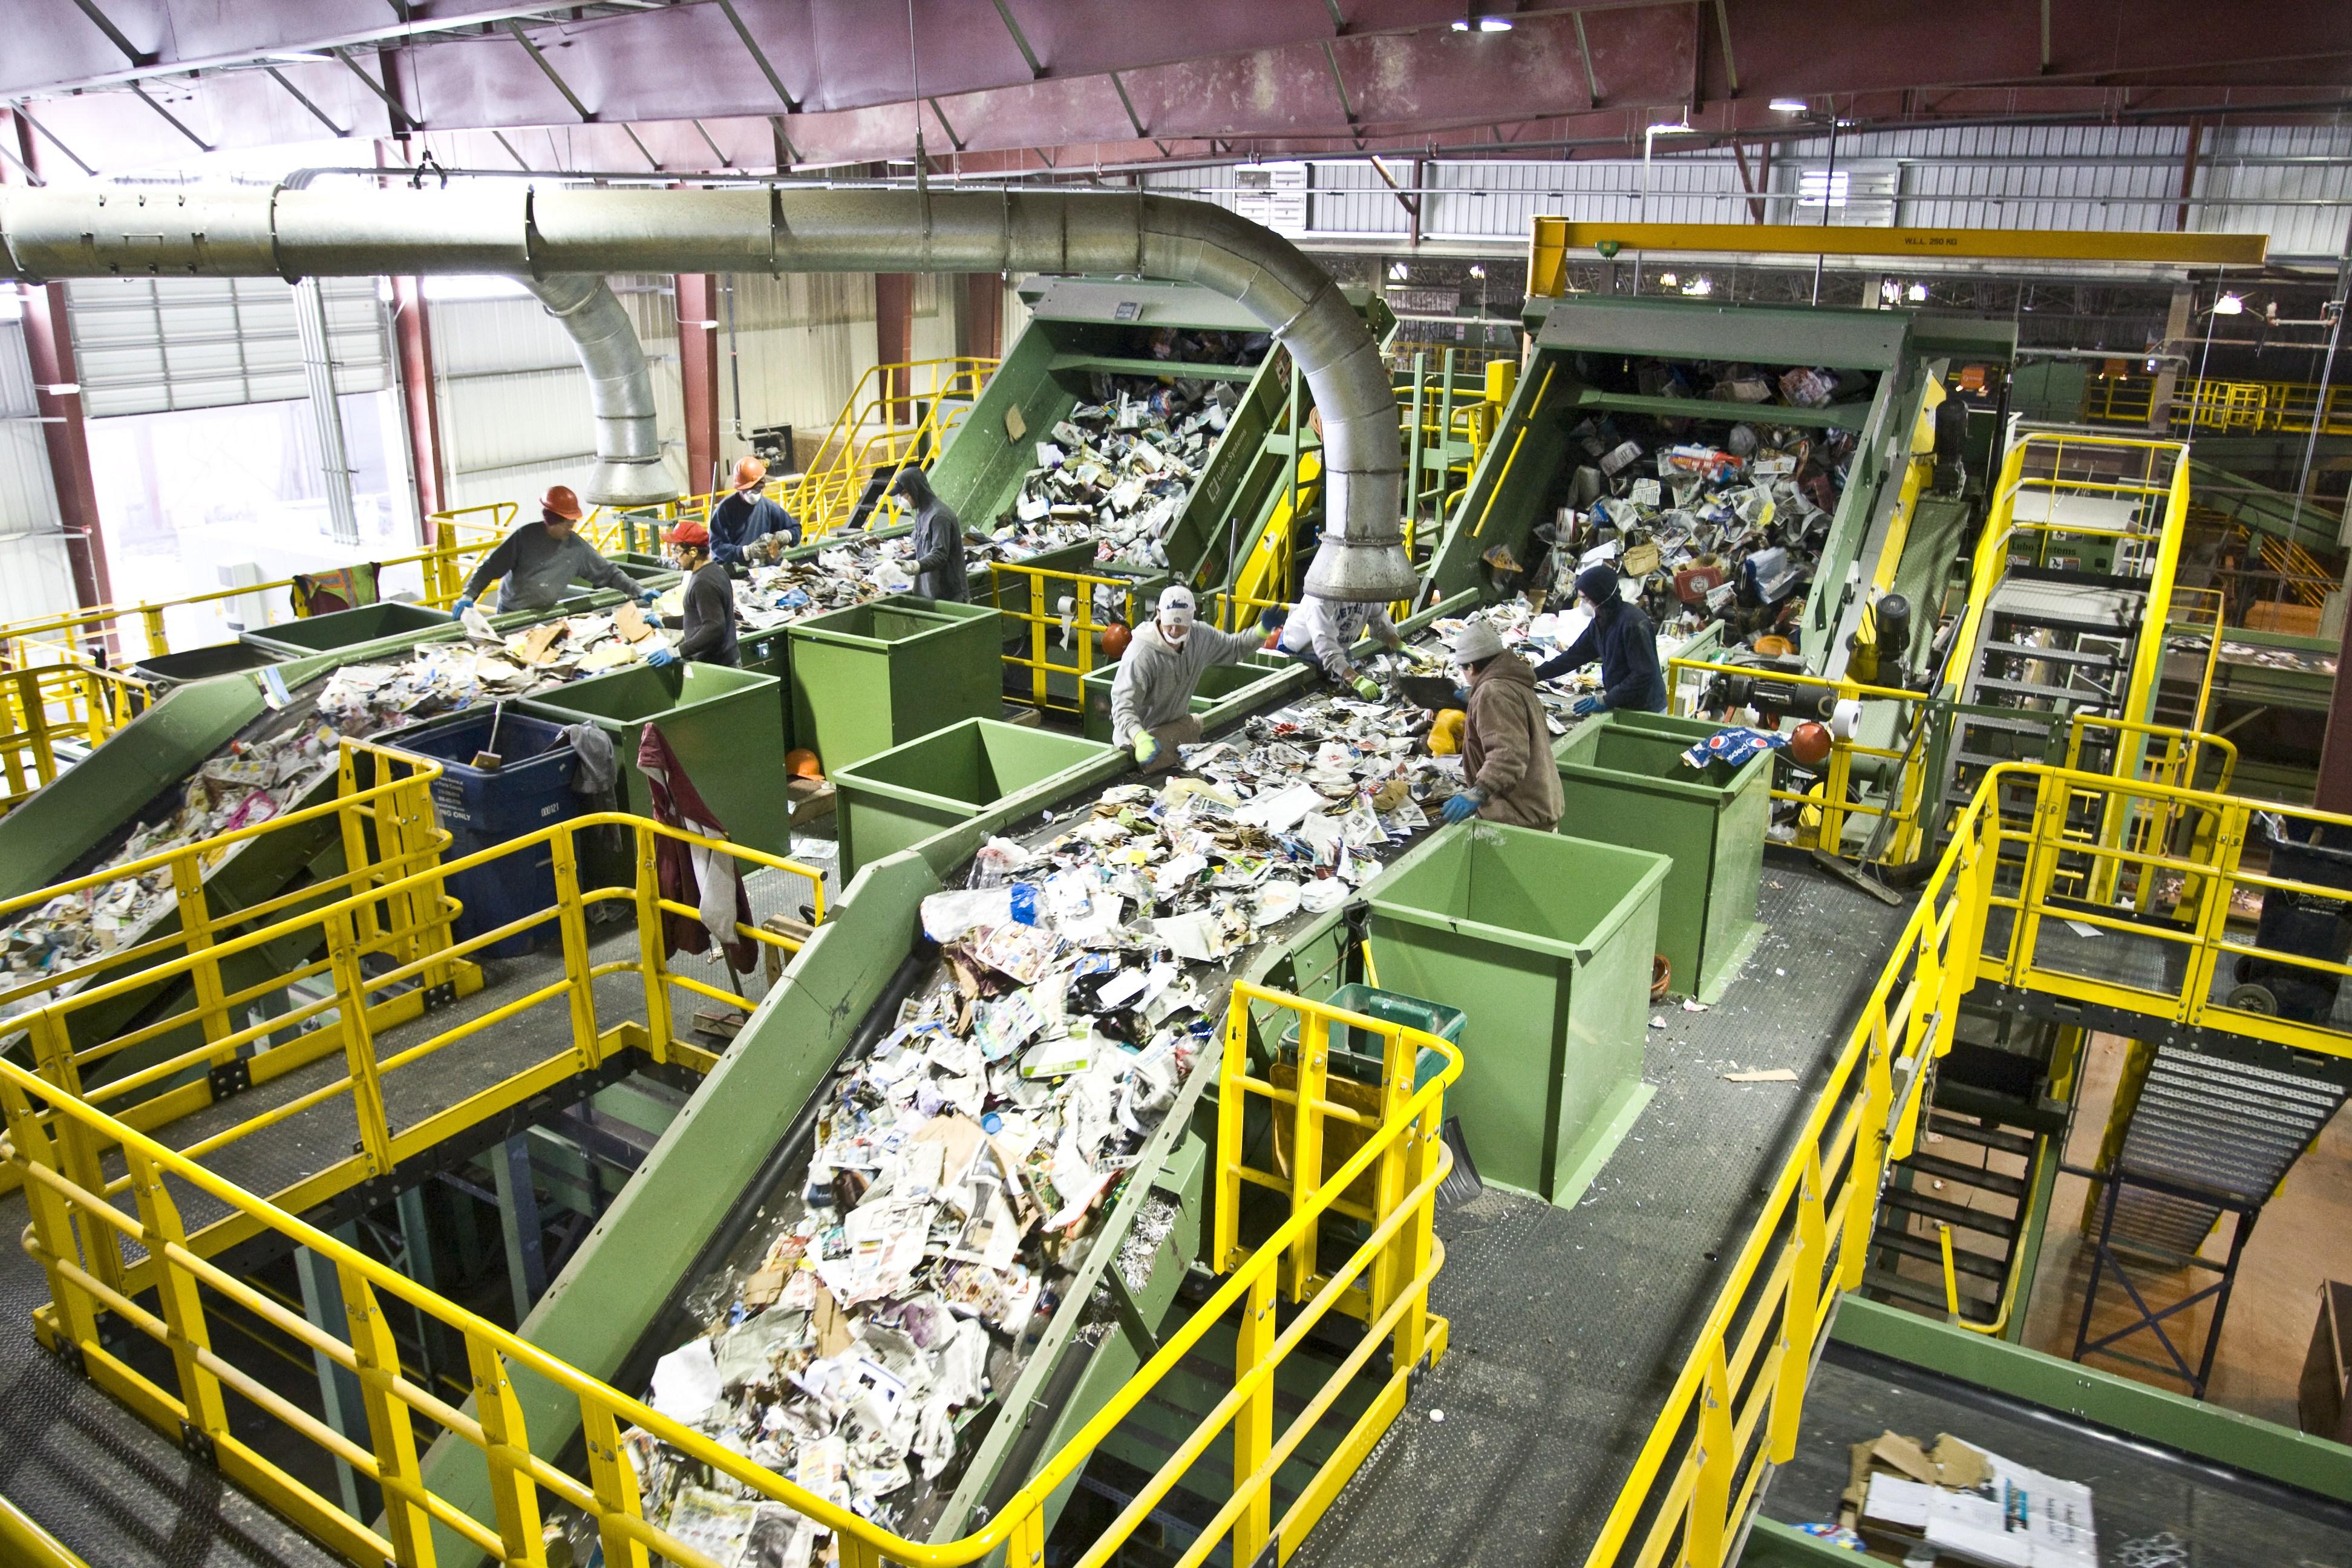 Slovaquie : comment faire face aux déchets